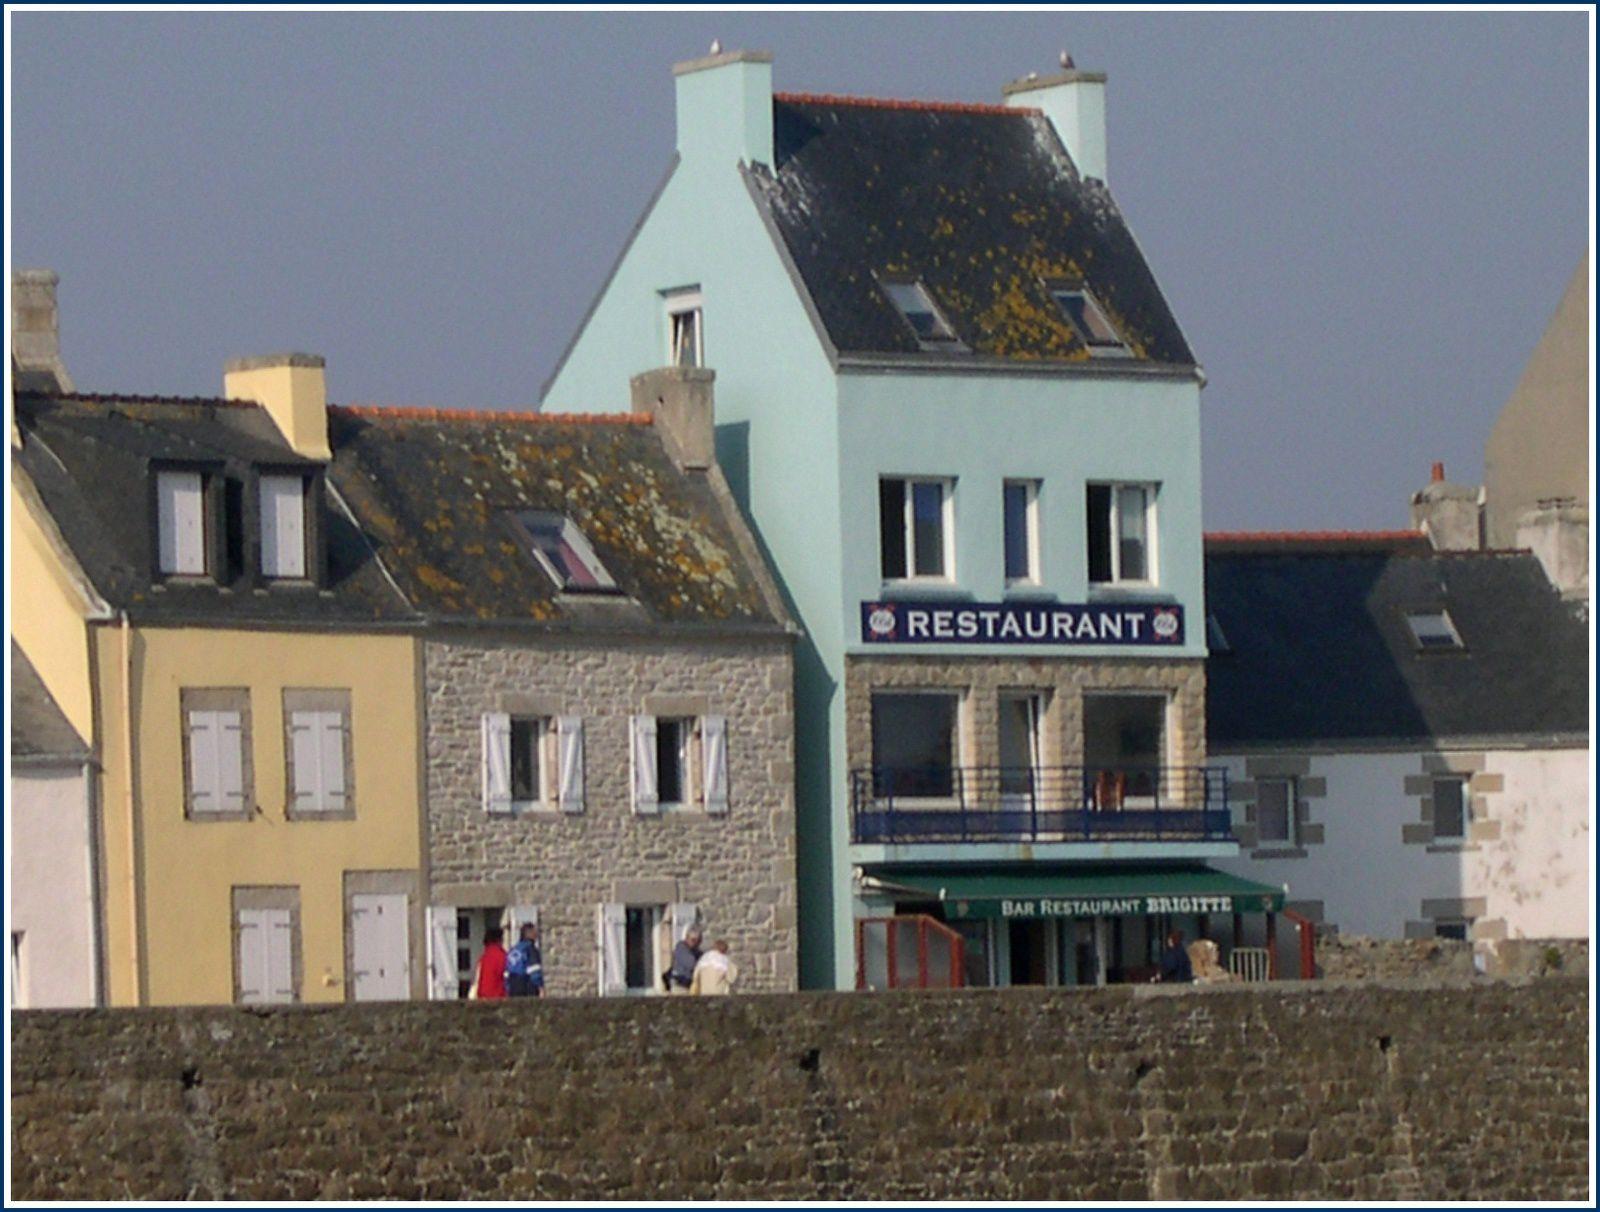 307 -  Sein : une île, un port, un village de France, un village de caractère qui force le respect, ruelles, maisons, phares, roches singulières, monument France Libre, photos © GeoMar